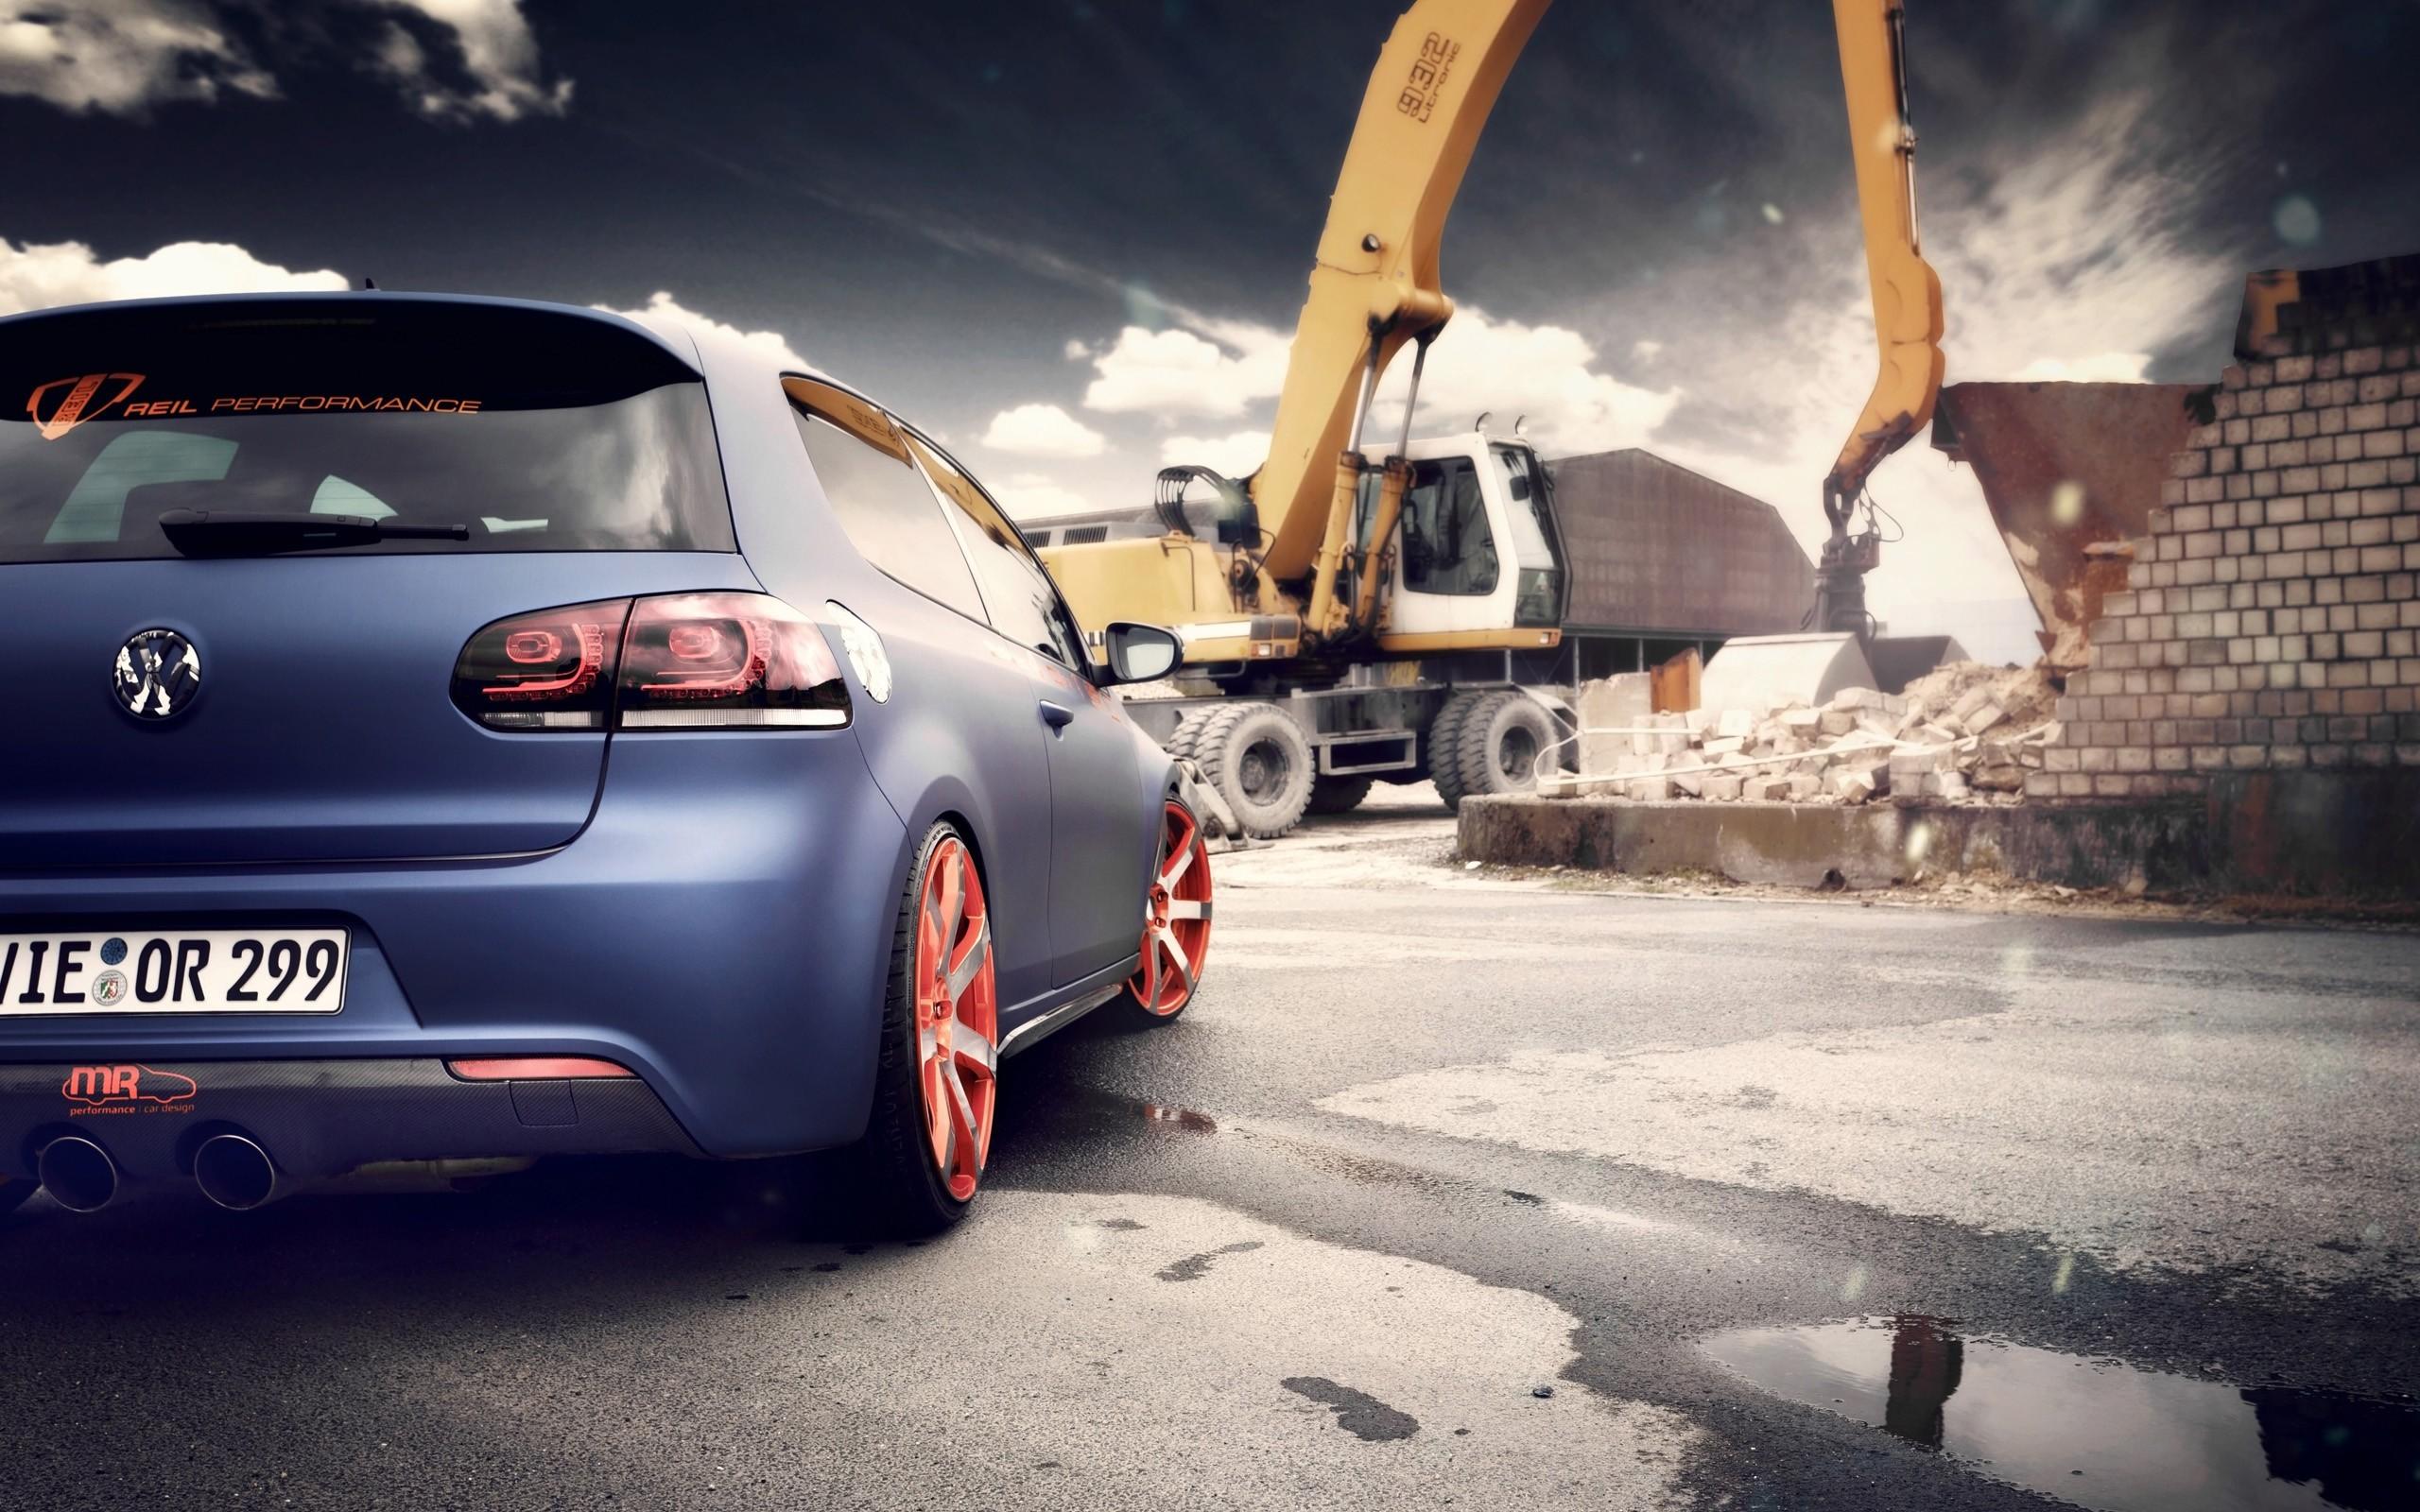 Wallpaper 2560x1600 Px Car Modified 2560x1600 1061348 Hd